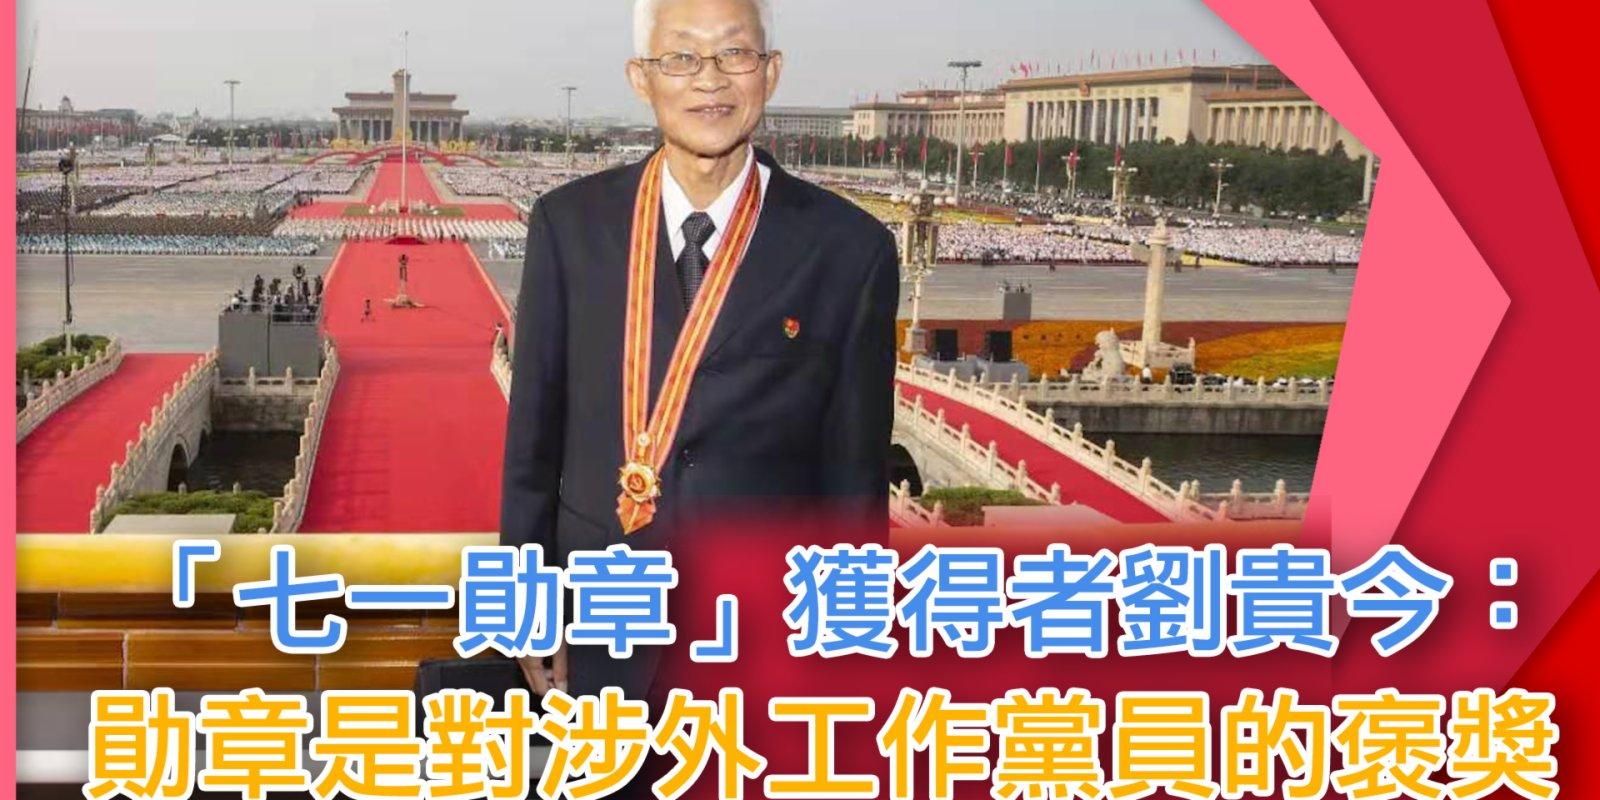 「七一勛章」獲得者劉貴今:勛章不僅授予我 更是對從事涉外工作黨員的褒獎